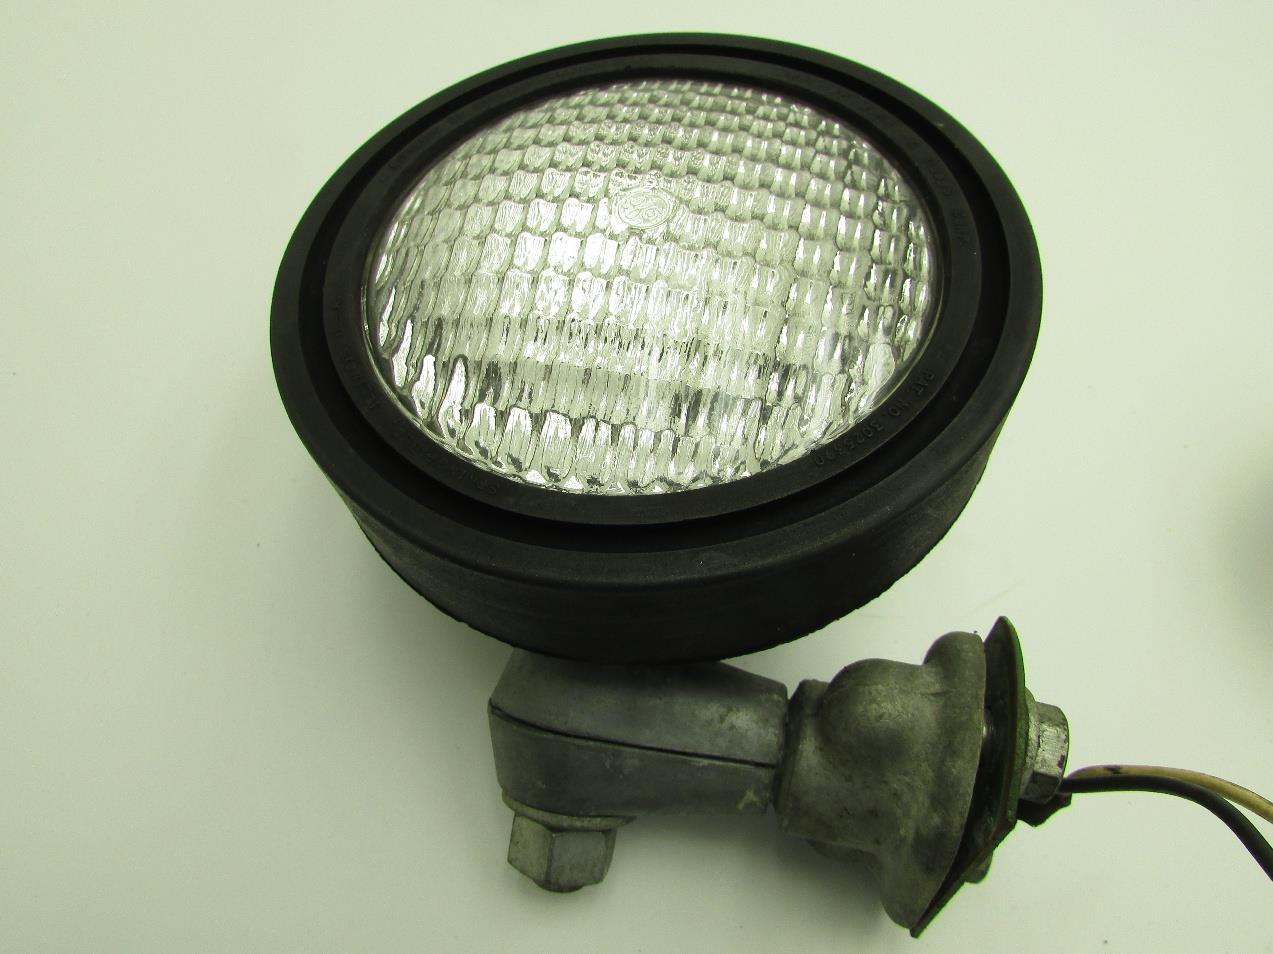 John Deere Tail Lamps : John deere round fender garden tractor headlights